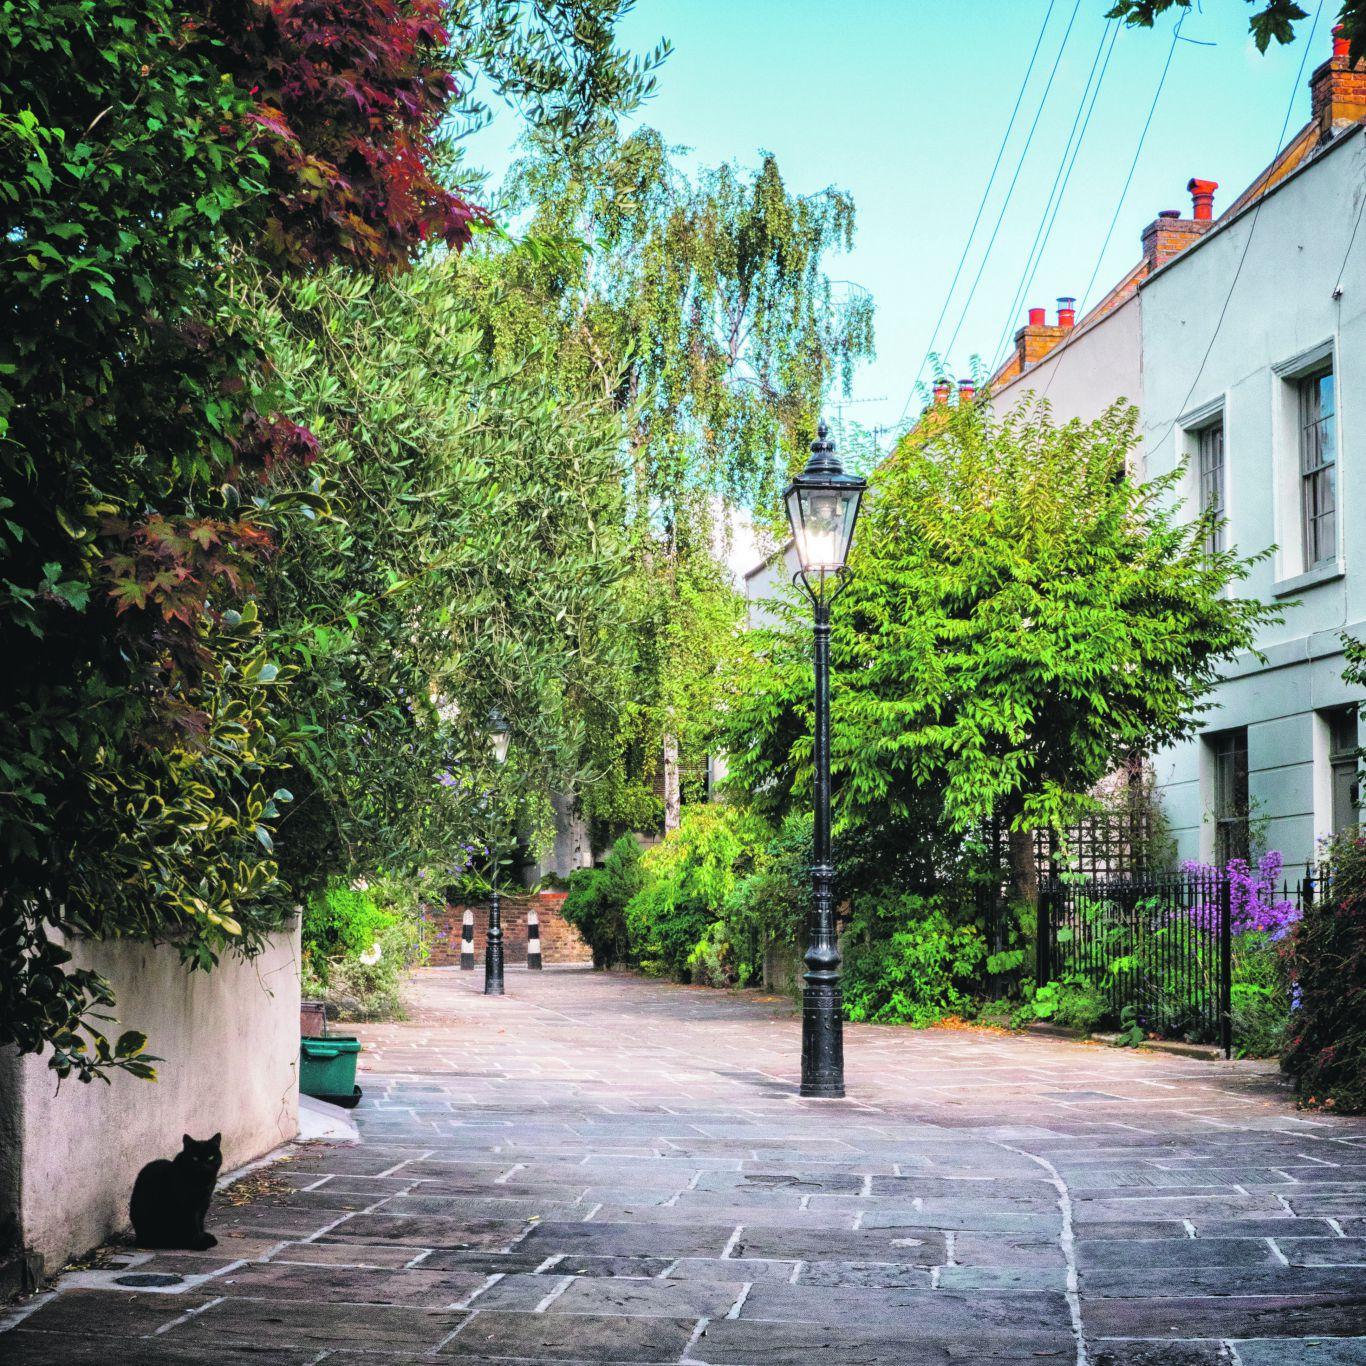 Reeds Place. Photo: LB